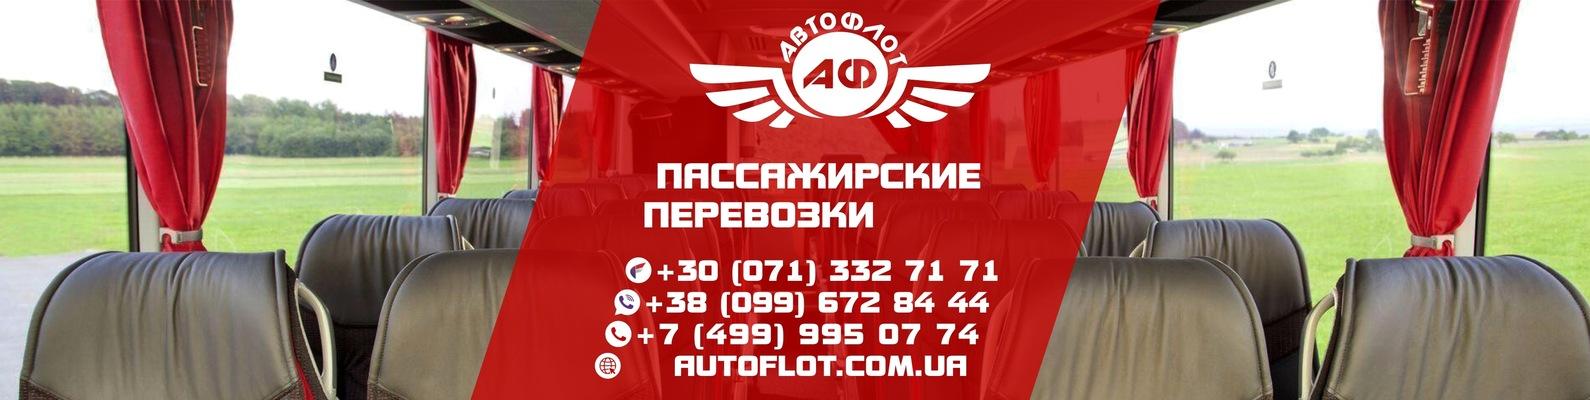 Автофлот пассажирские перевозки спецтехника на авито в курске